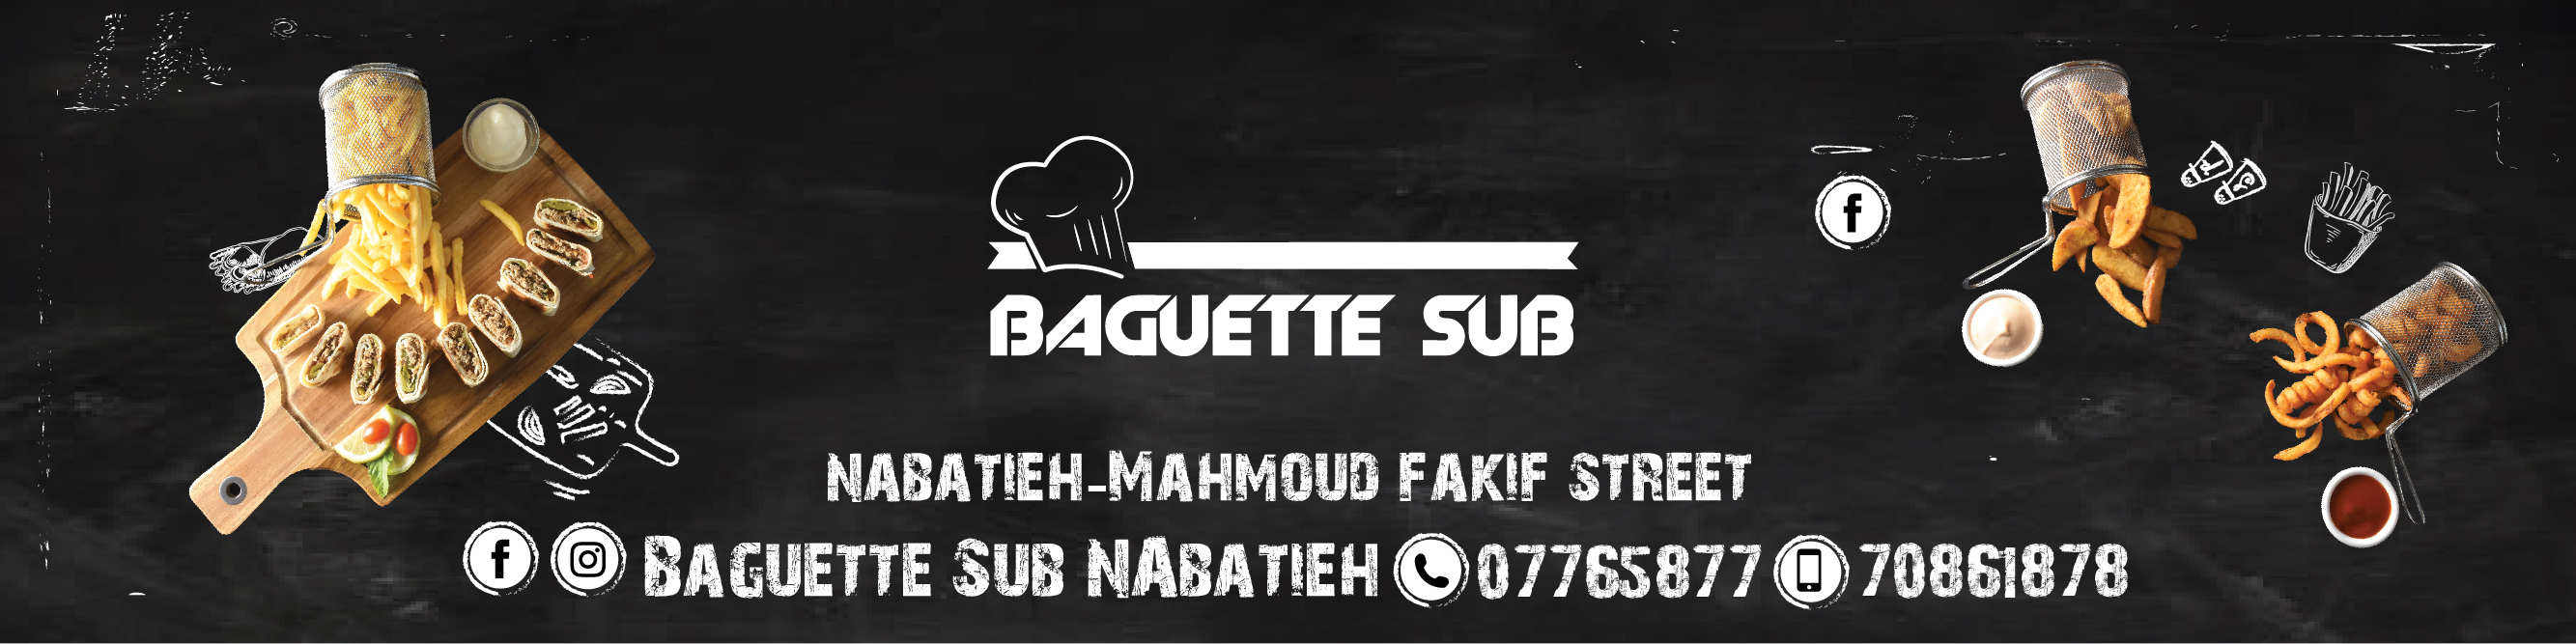 www.facebook.com/baguette.sub